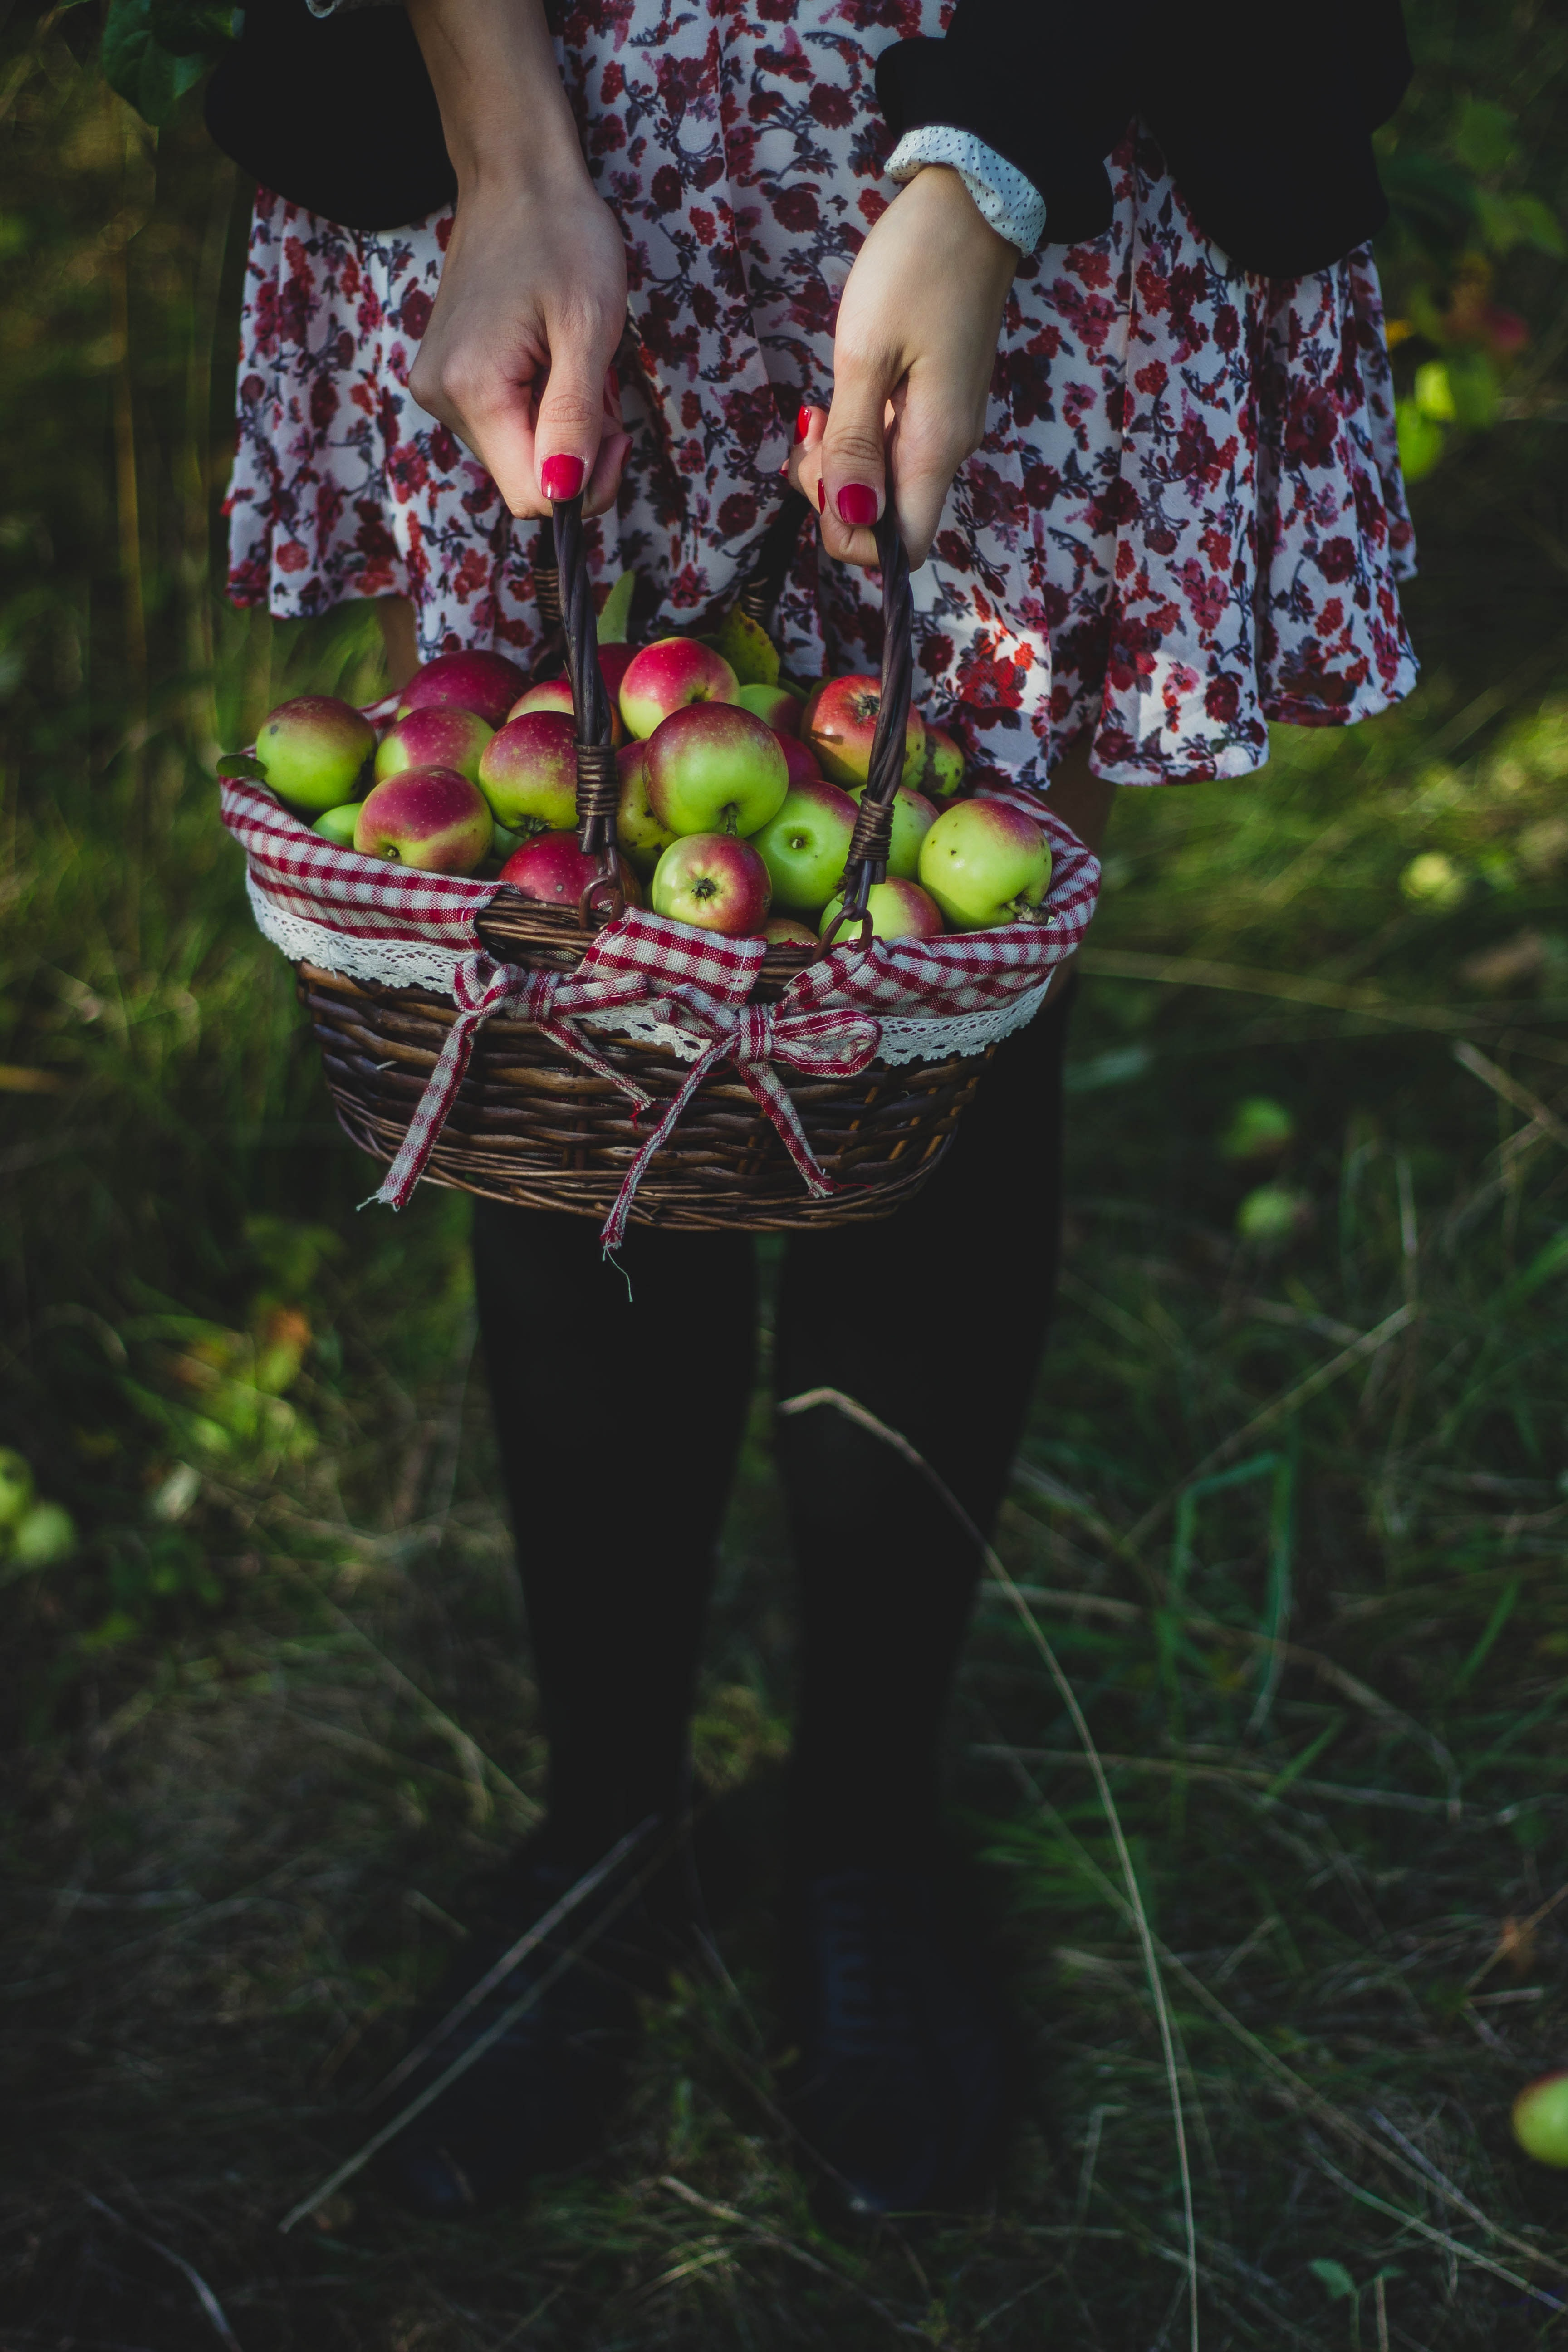 Basket full of apples photo